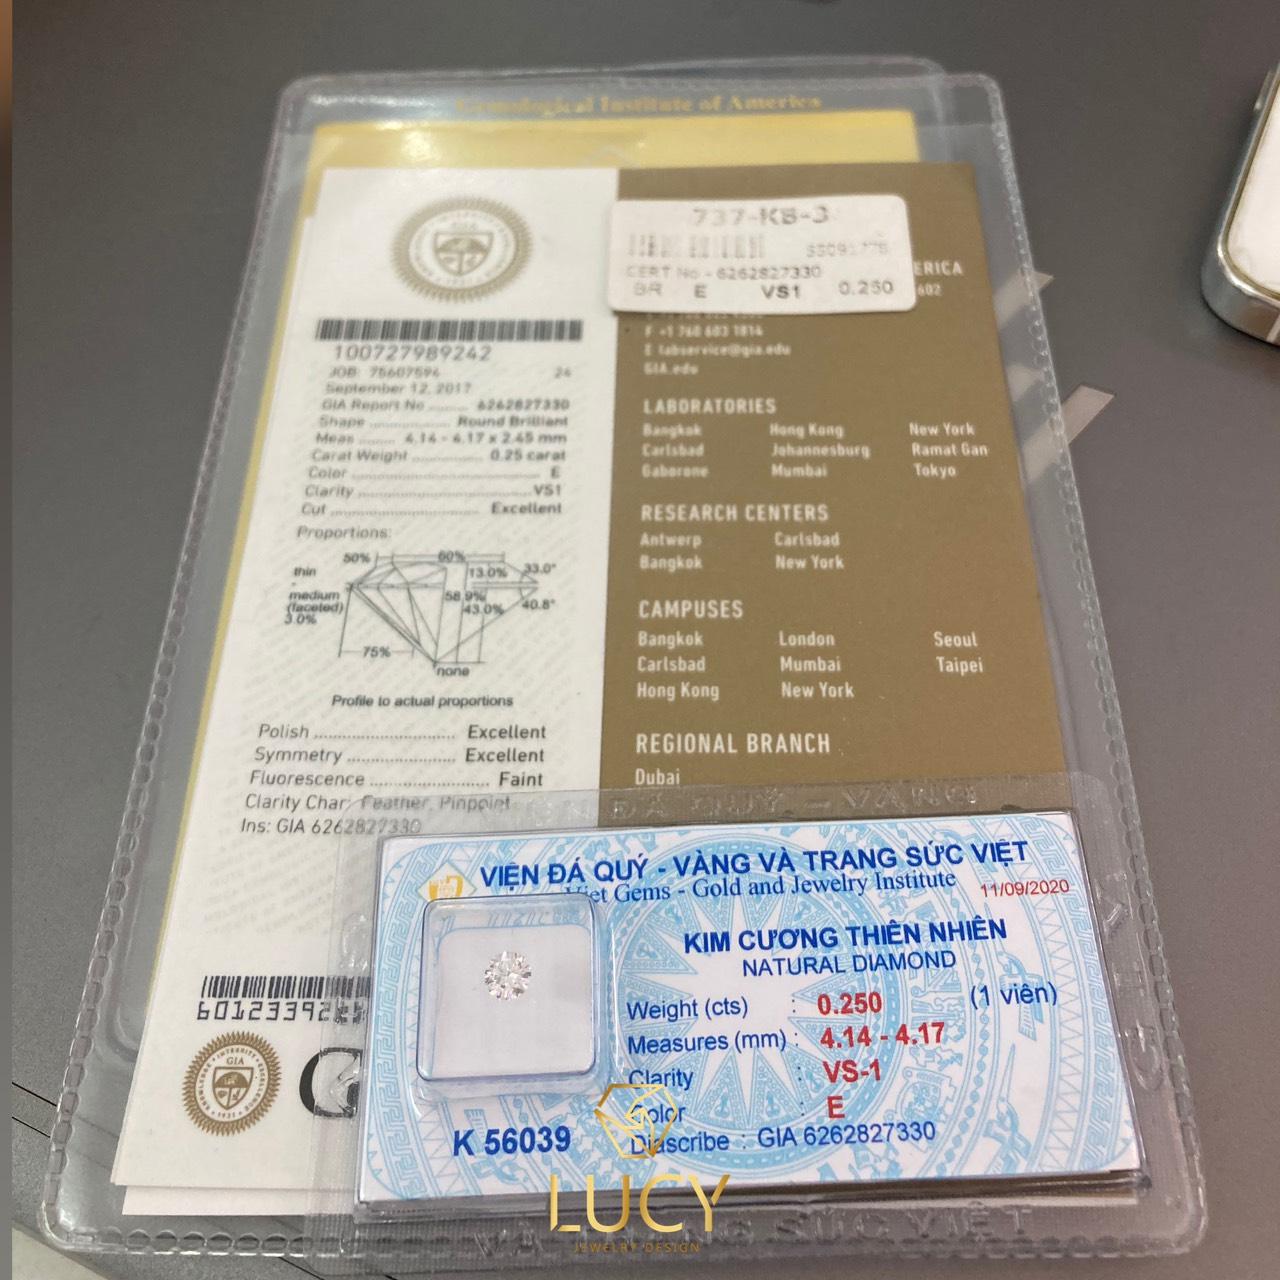 [ HẾT HÀNG ] Kim cương thiên nhiên 4.1mm E VS1 3EX FAINT kiểm định quốc tế GIA mã số cạnh 6262827330 - LUCYJEWELRY